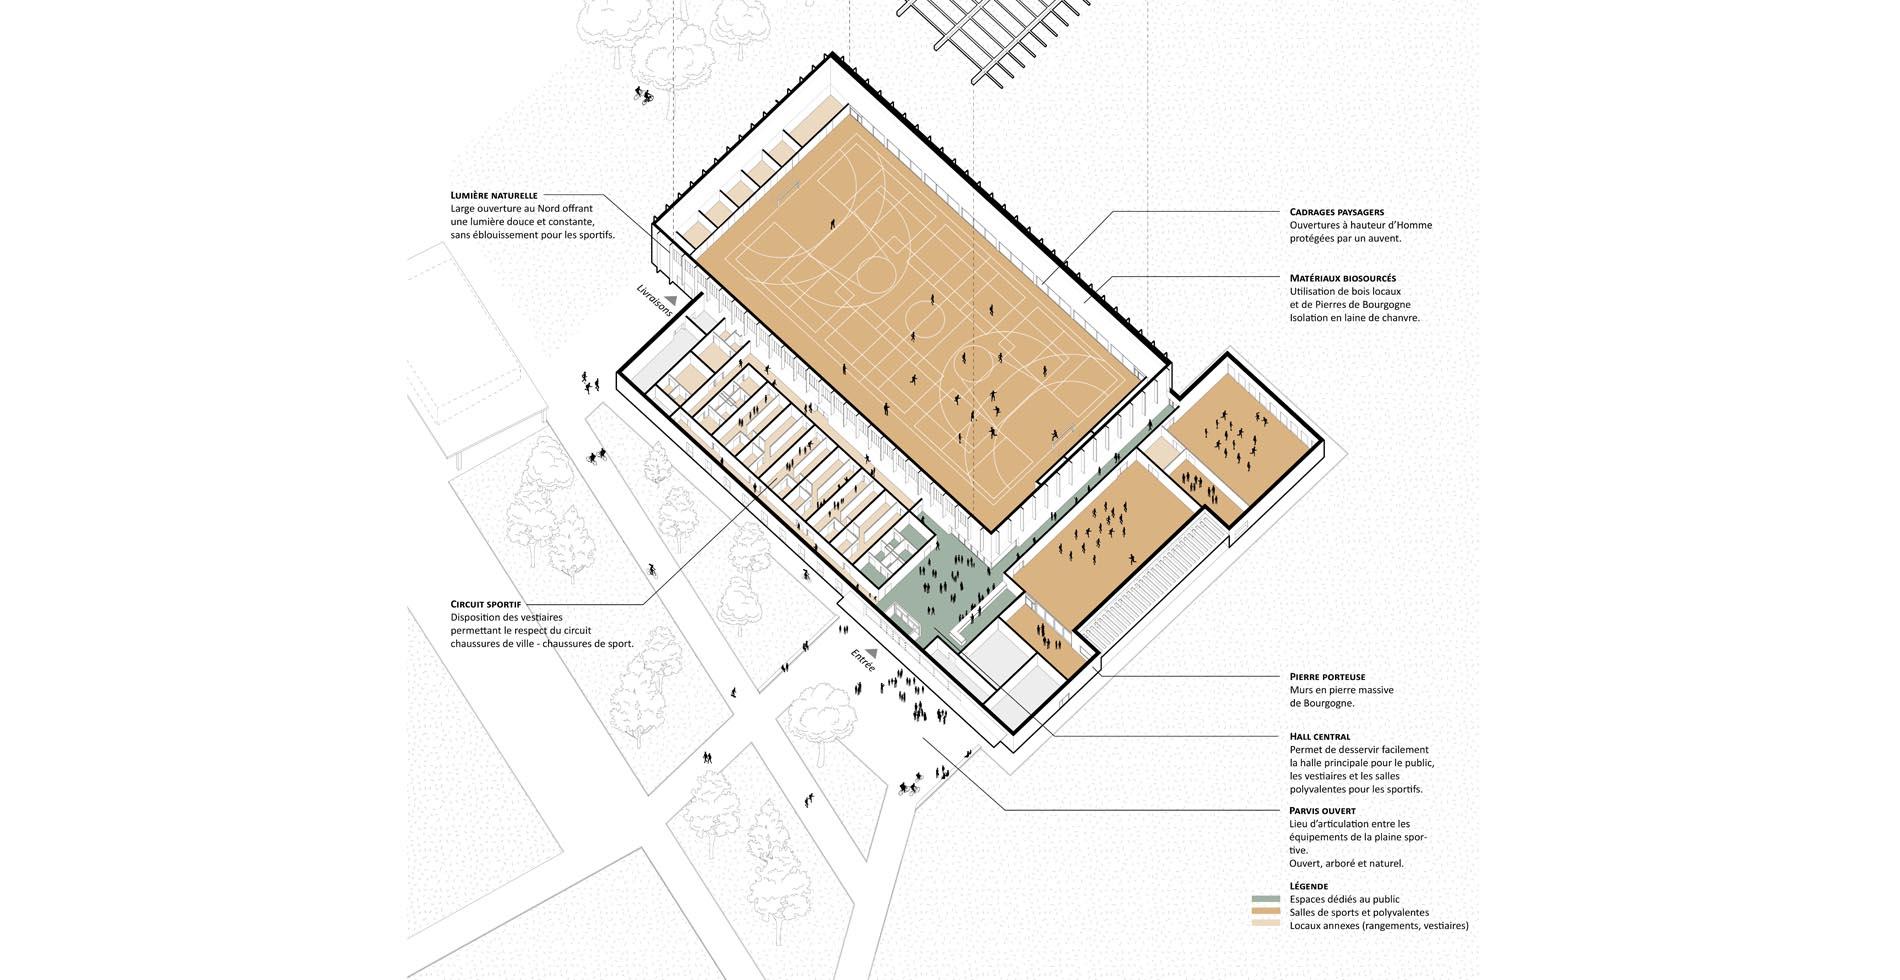 Construction d'un complexe sportif à Ladoix-Serrigny